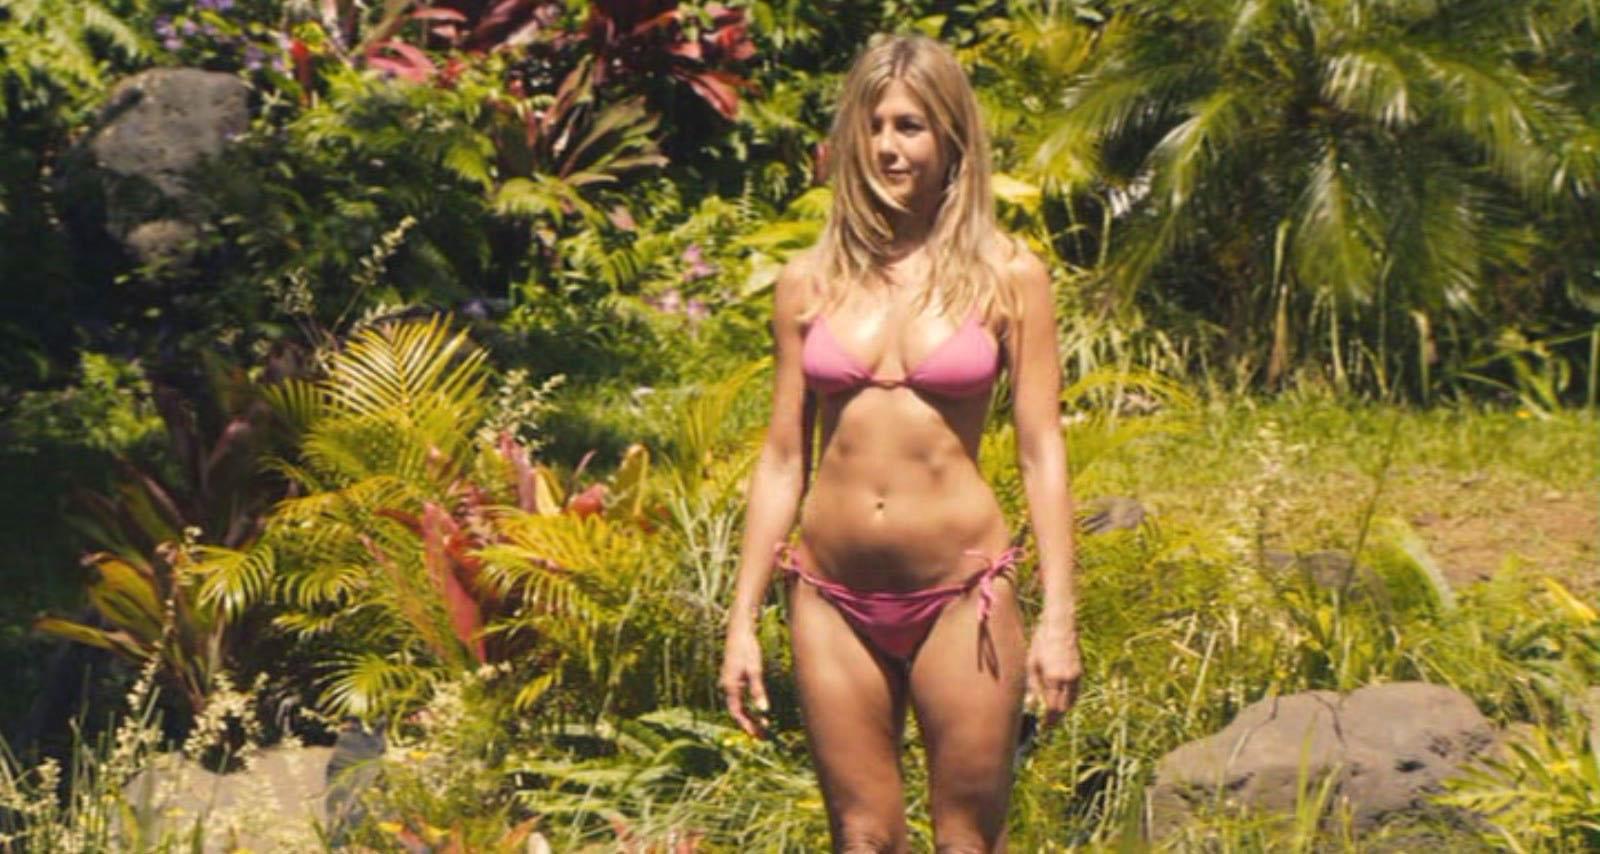 jennifer aniston bikini Hot